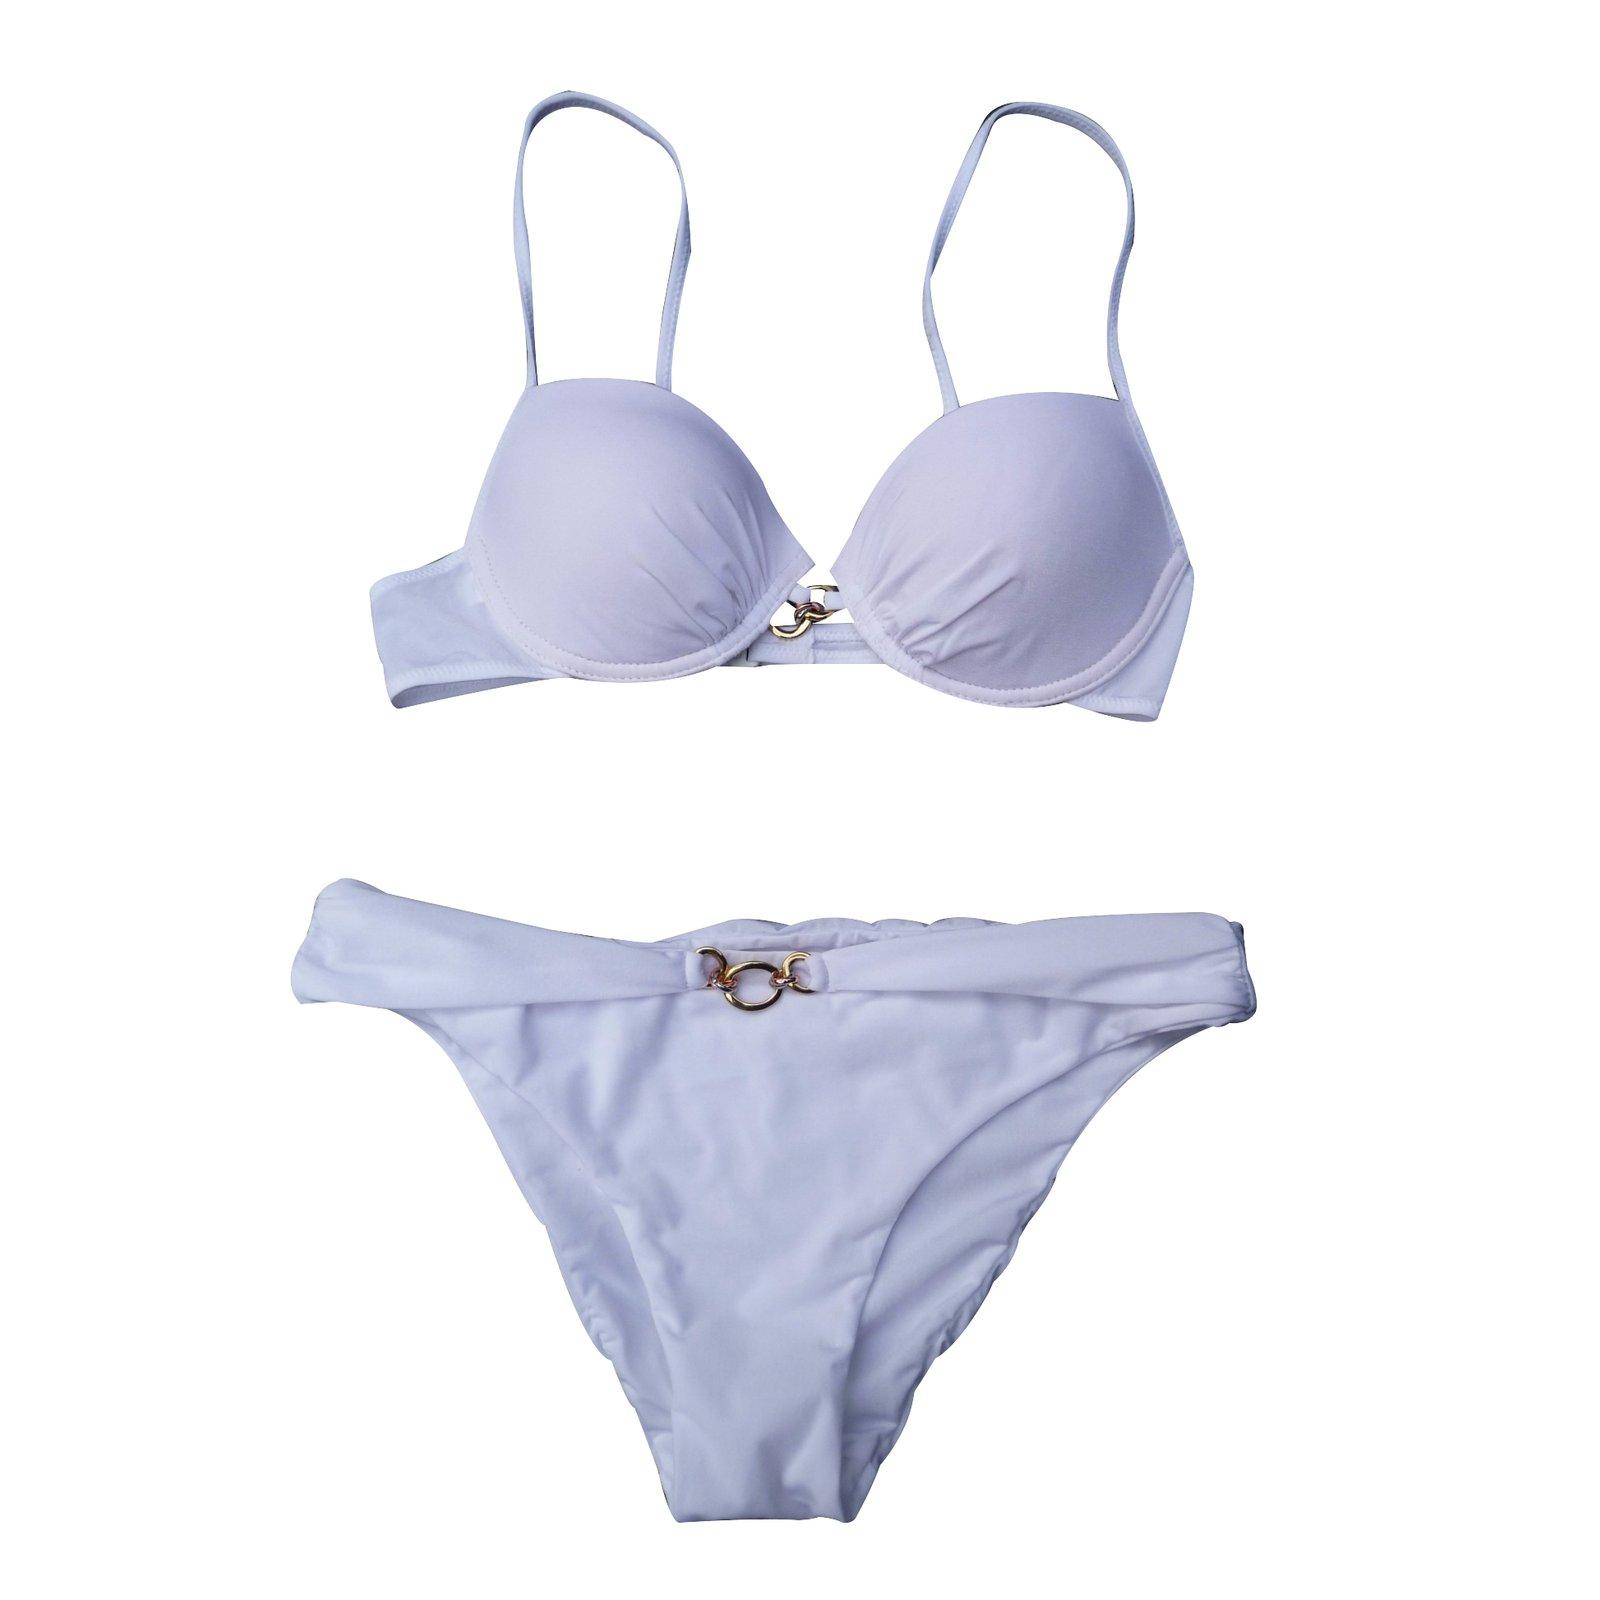 v tements de bain la perla maillot de bain blanc 2. Black Bedroom Furniture Sets. Home Design Ideas